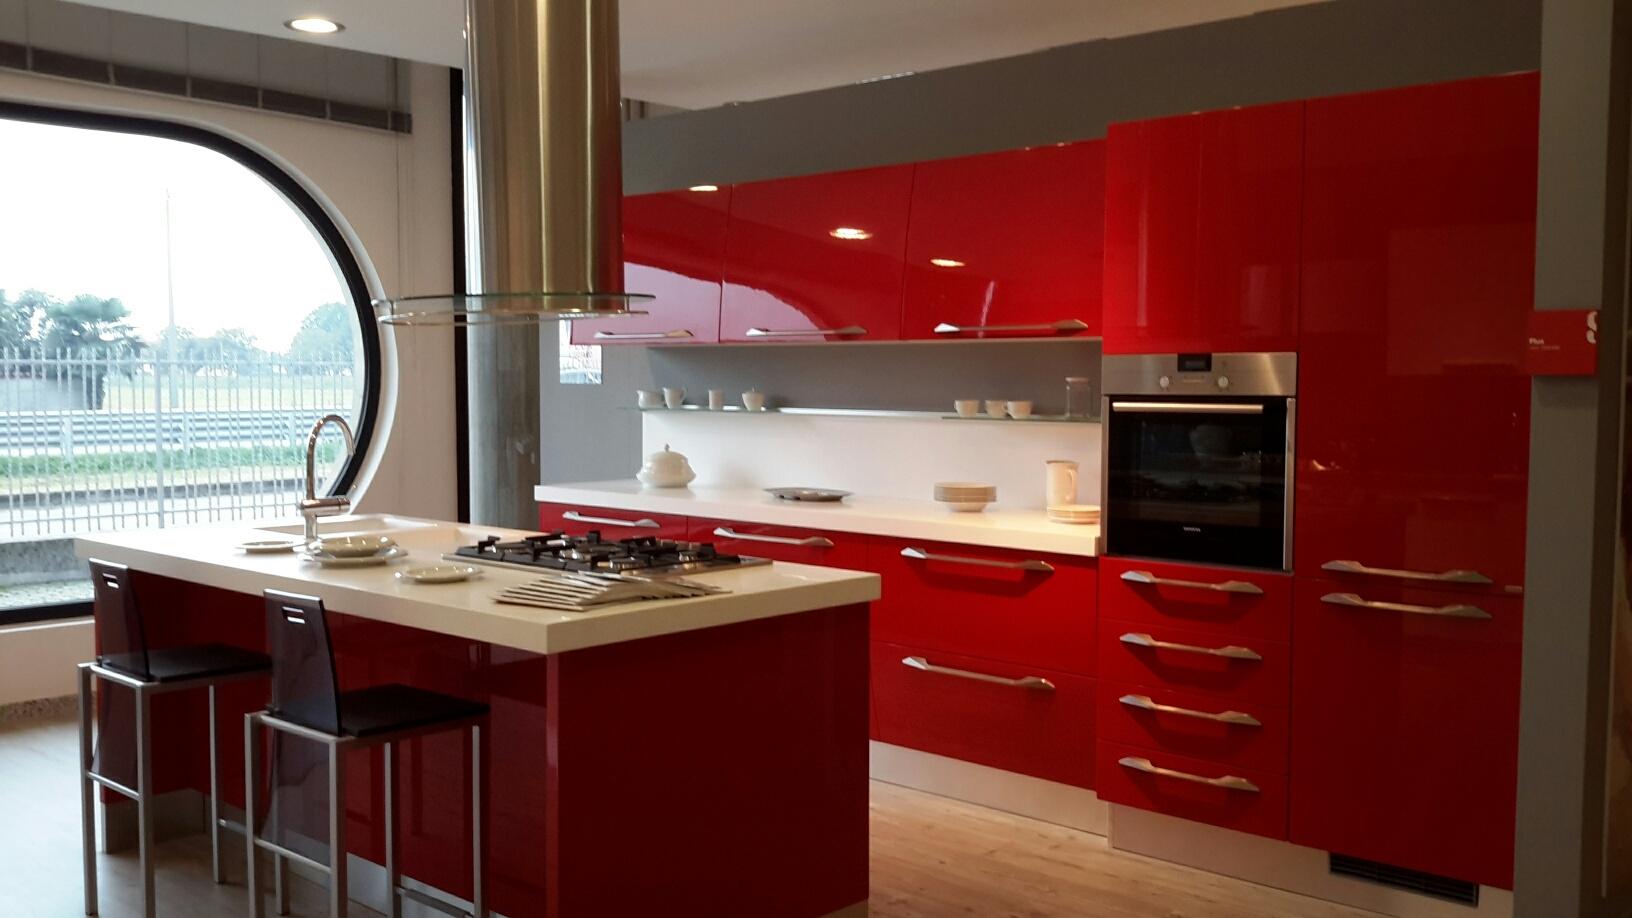 Cucina Scavolini Rossa Usata - Decorazioni per la casa, acconciatura ...